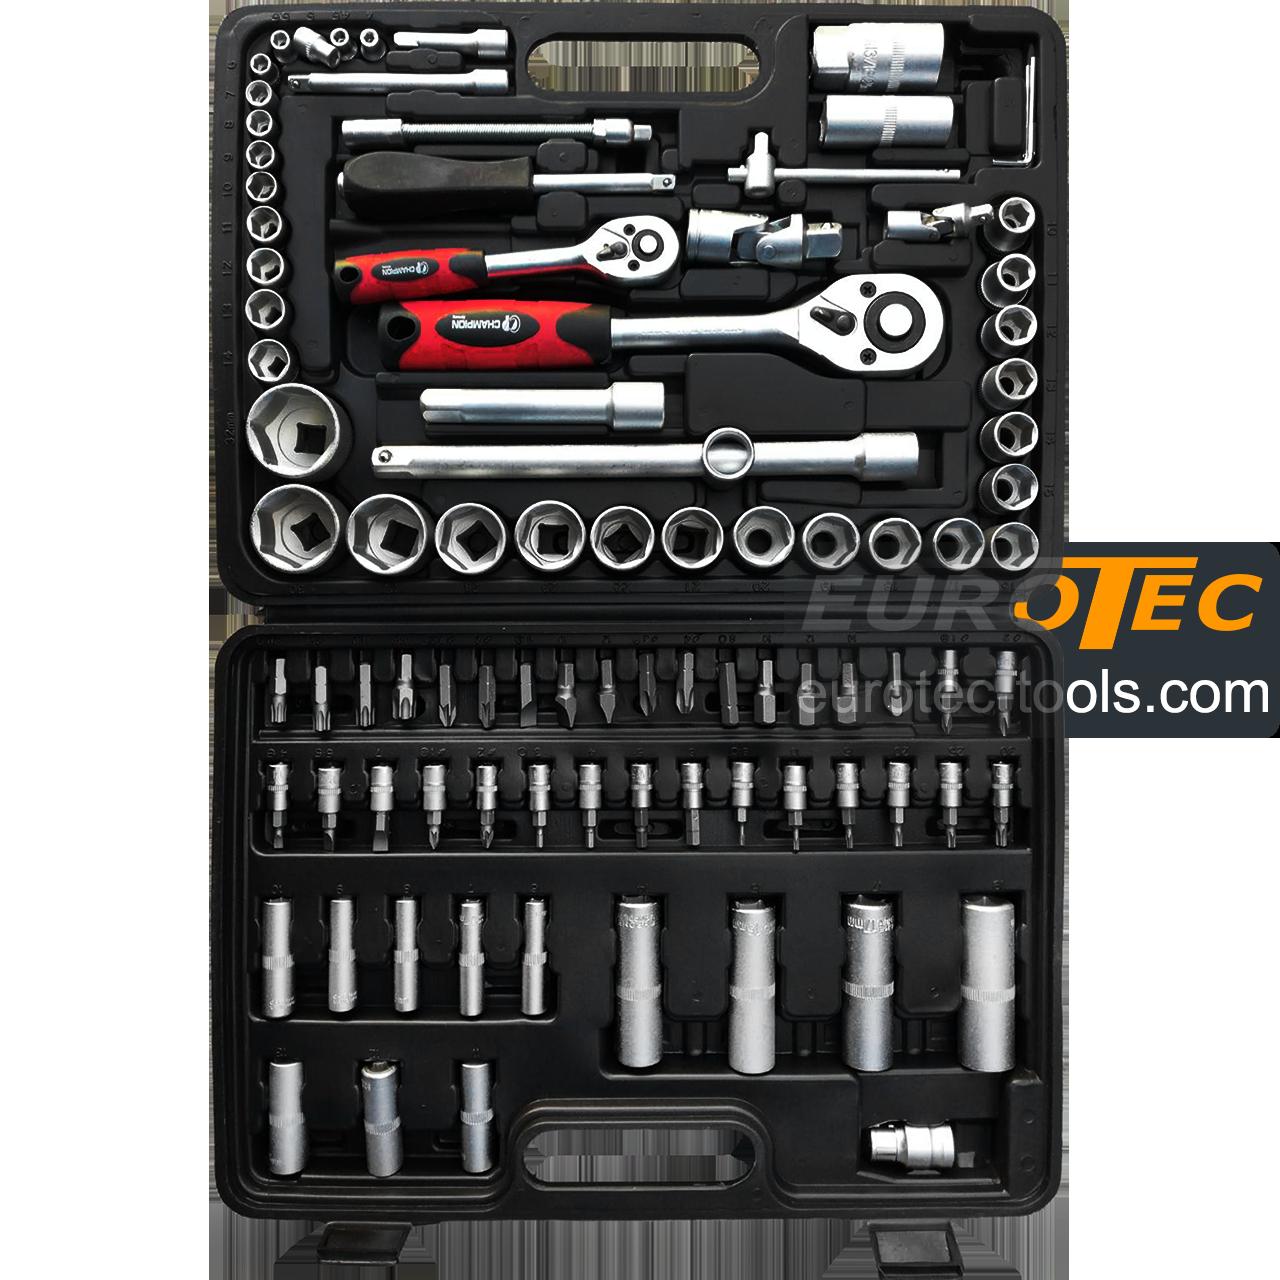 Набор торцевых головок и бит 94 предмета, Champion CP-007S, набор инструментов для авто